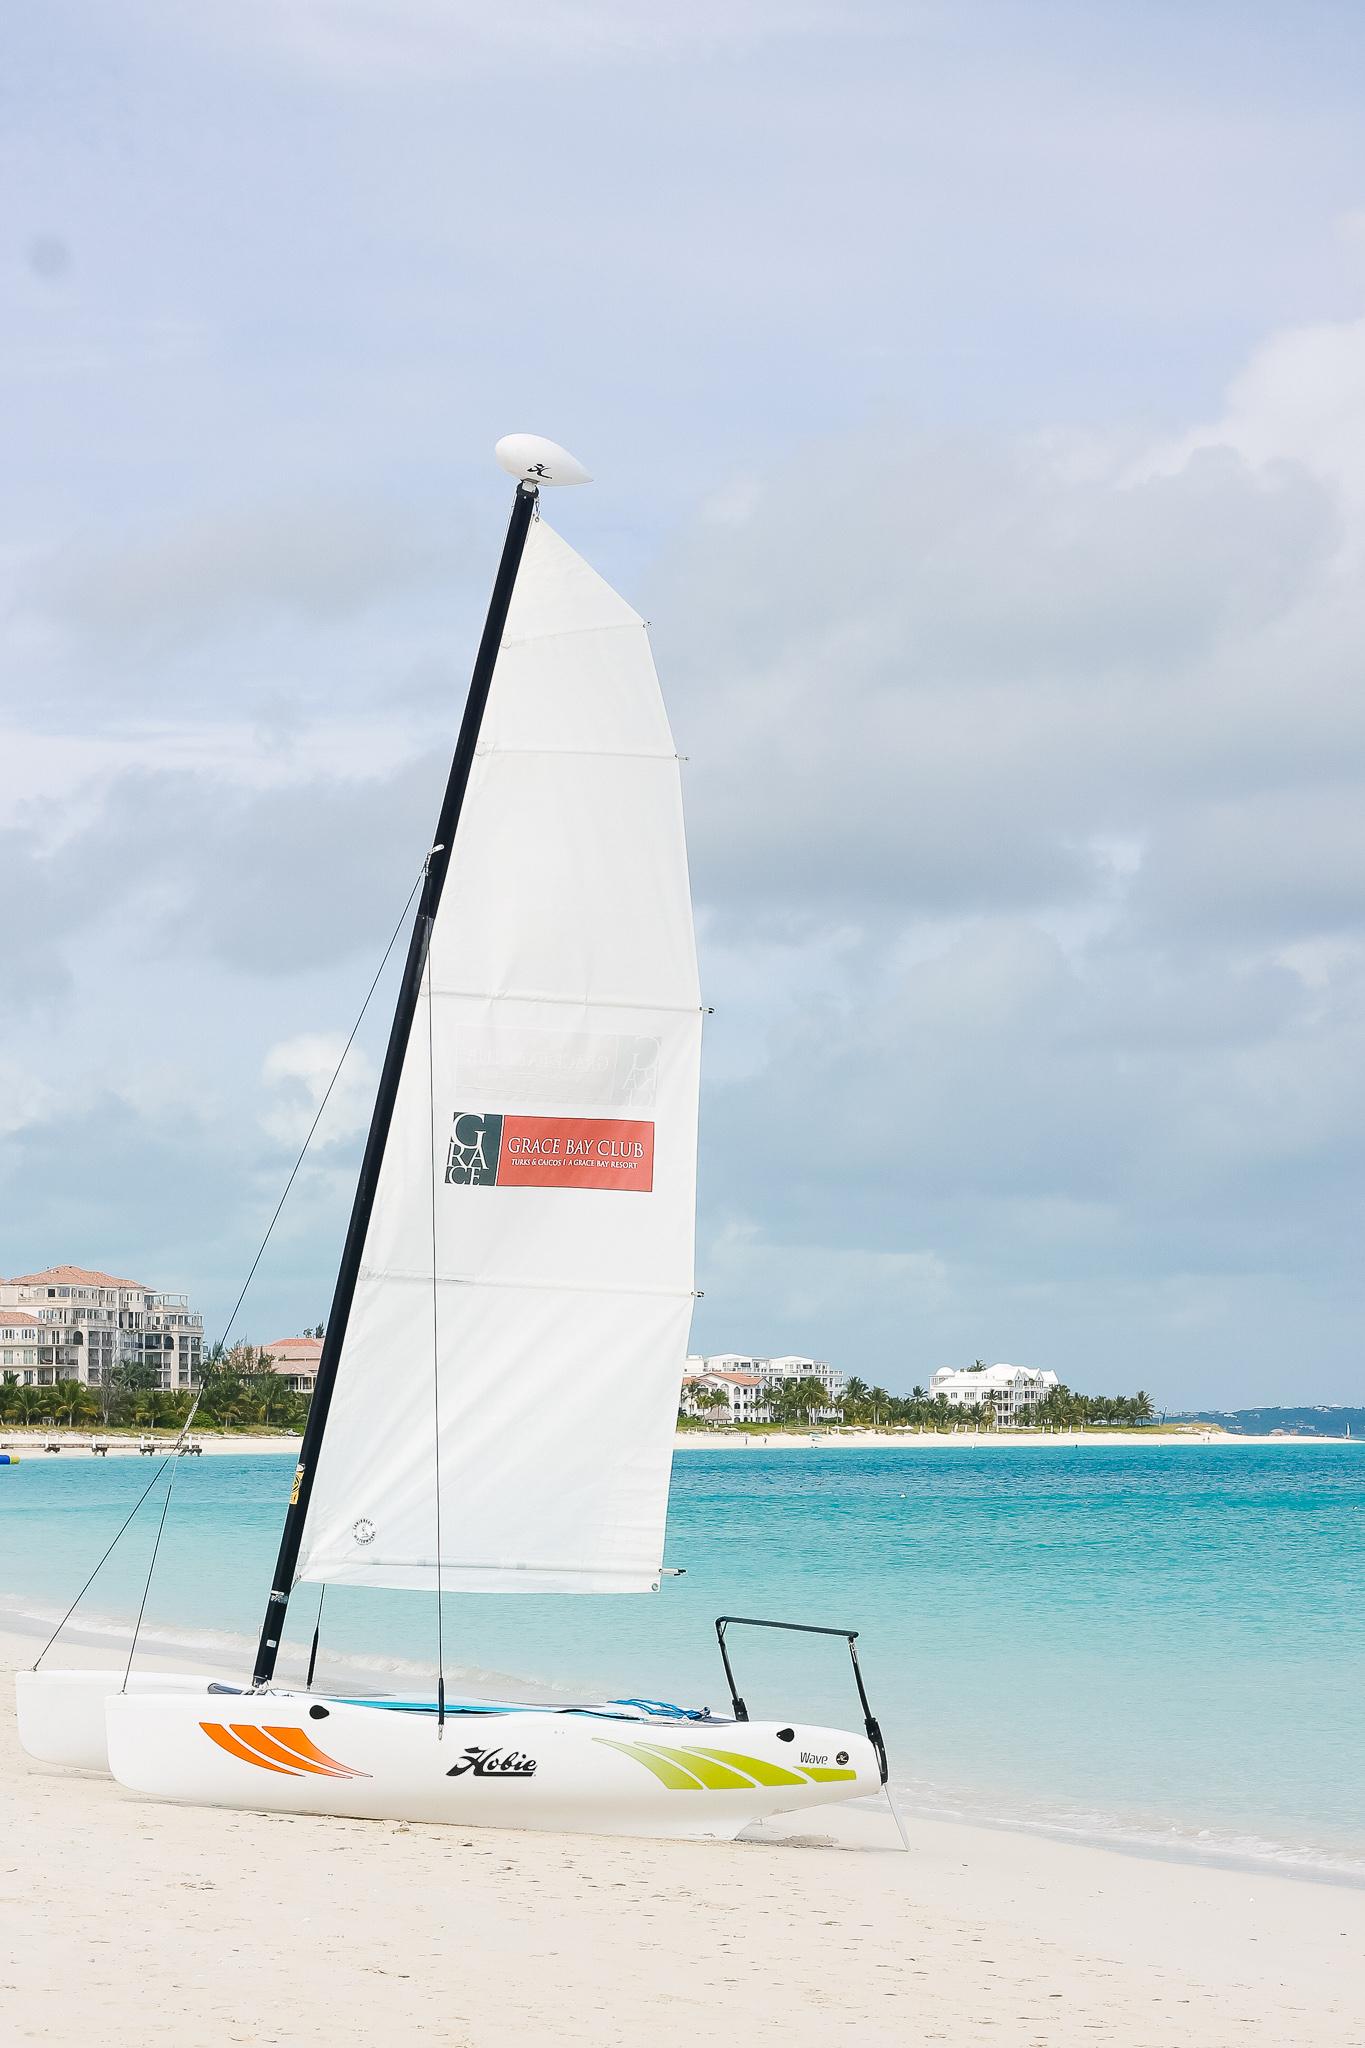 beach activities Turks & Caicos